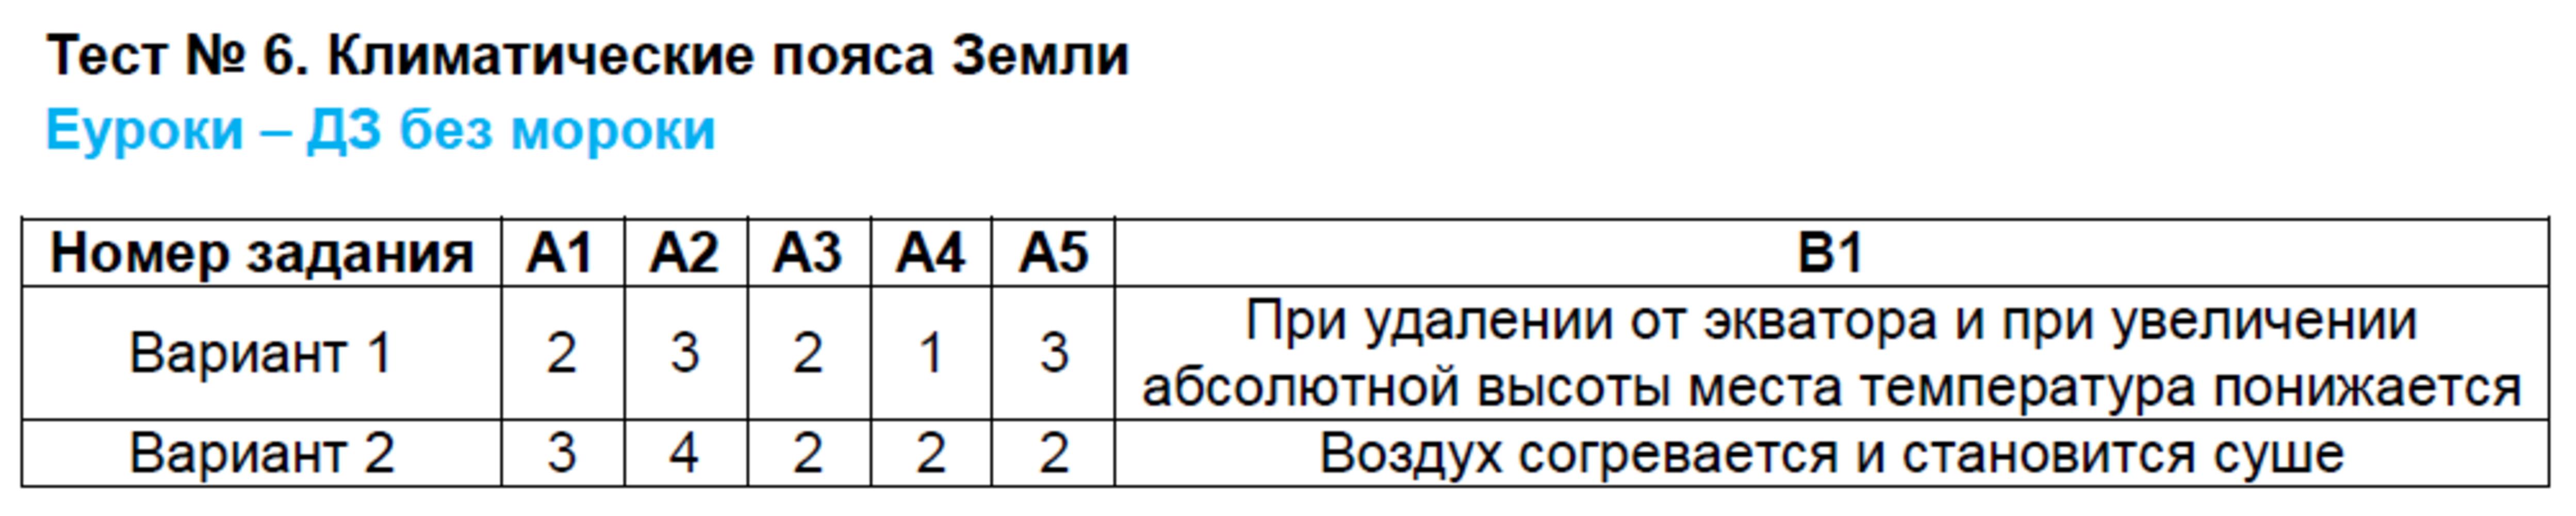 ГДЗ по географии 7 класс контрольно-измерительные материалы Жижина. Задание: Тест 6. Климатические пояса Земли